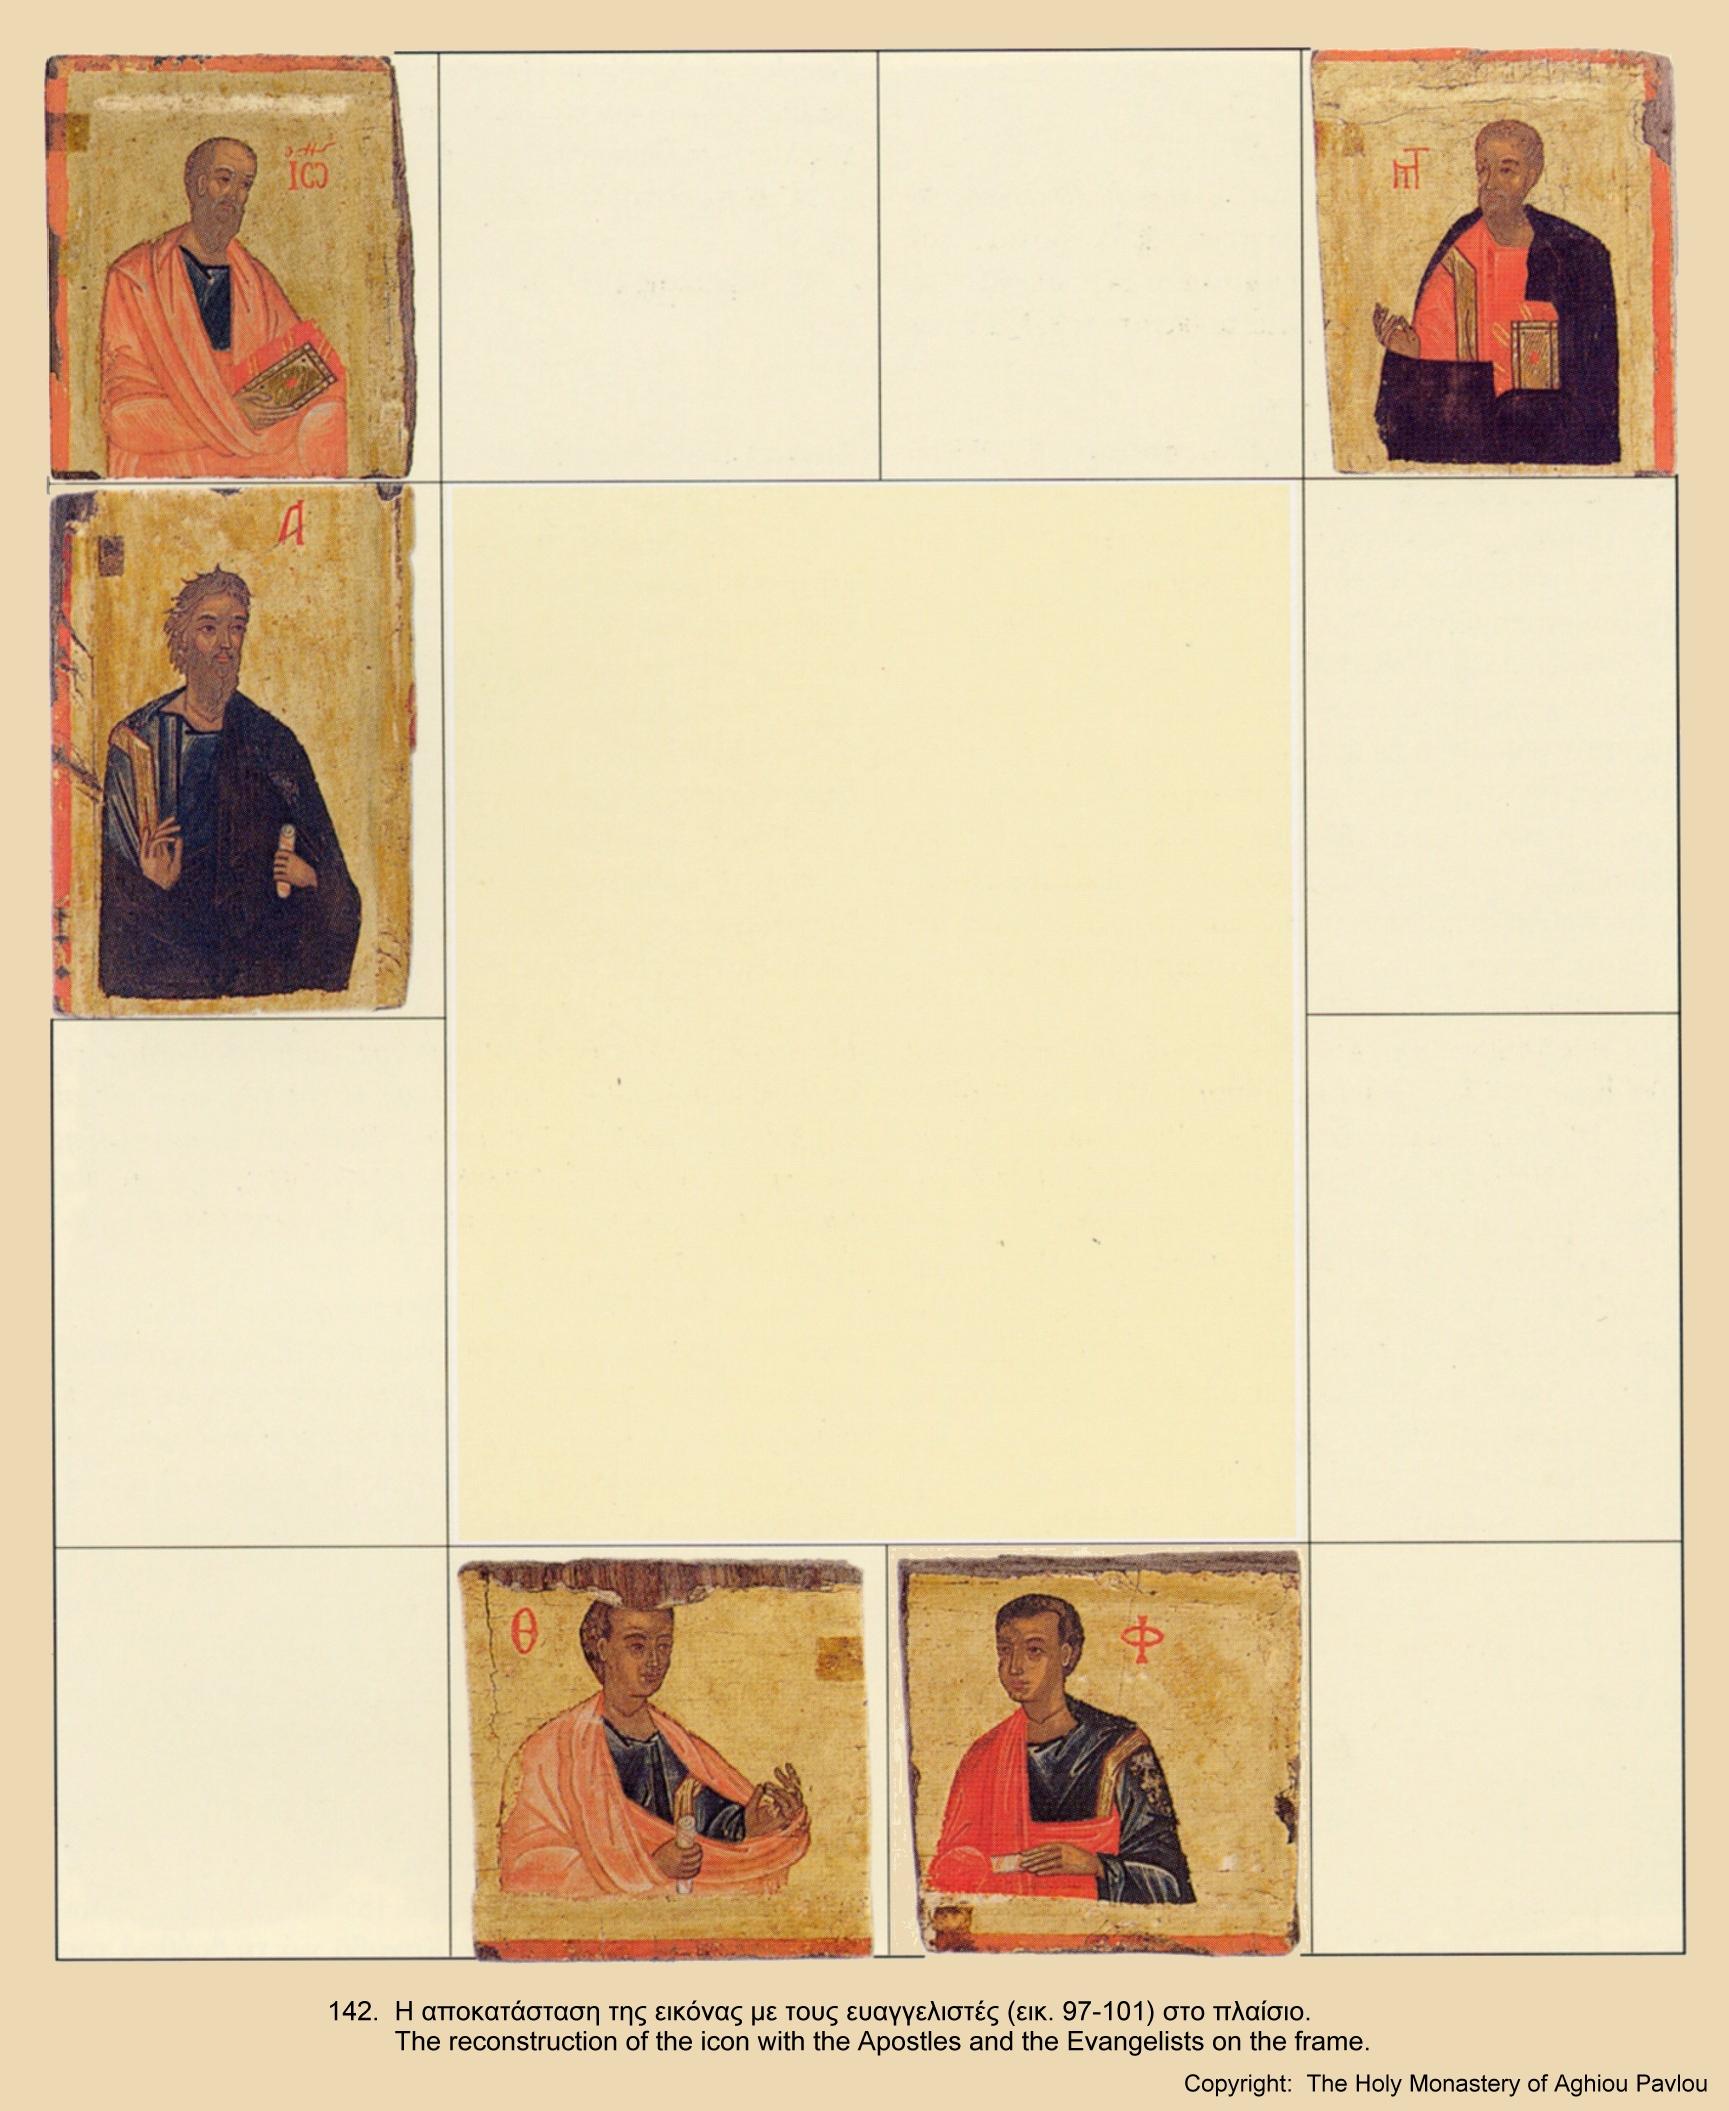 Иконы монастыря св. Павла (141)